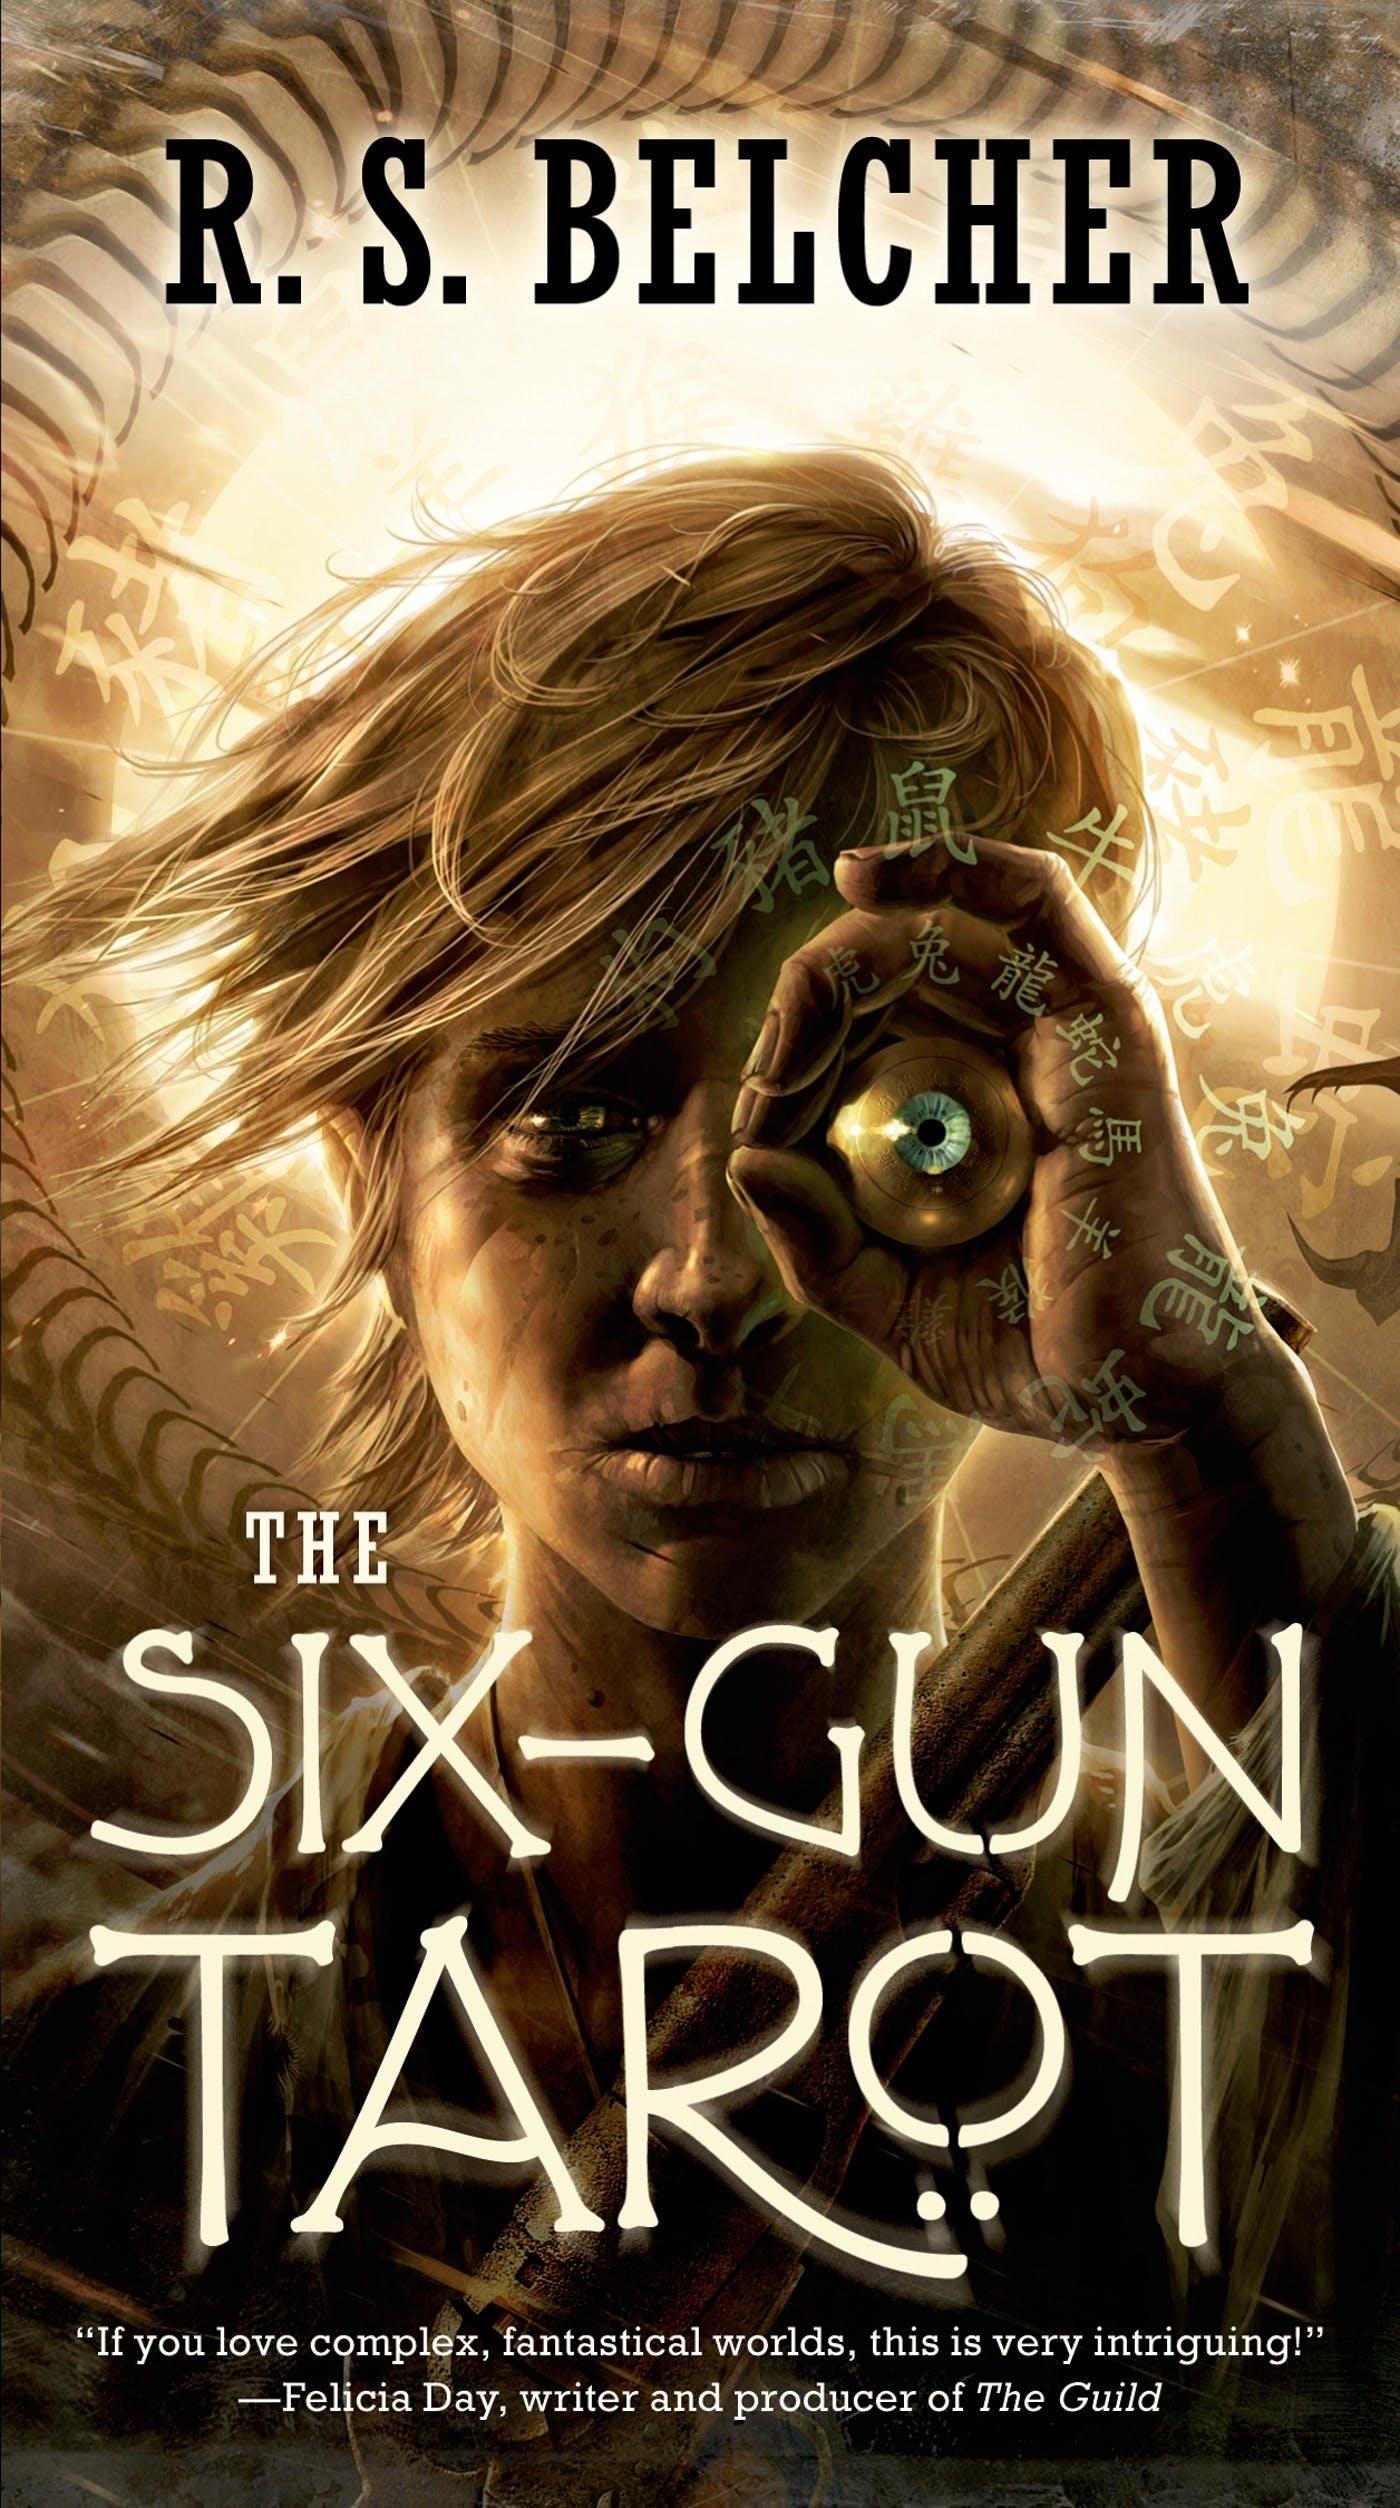 Image of The Six-Gun Tarot